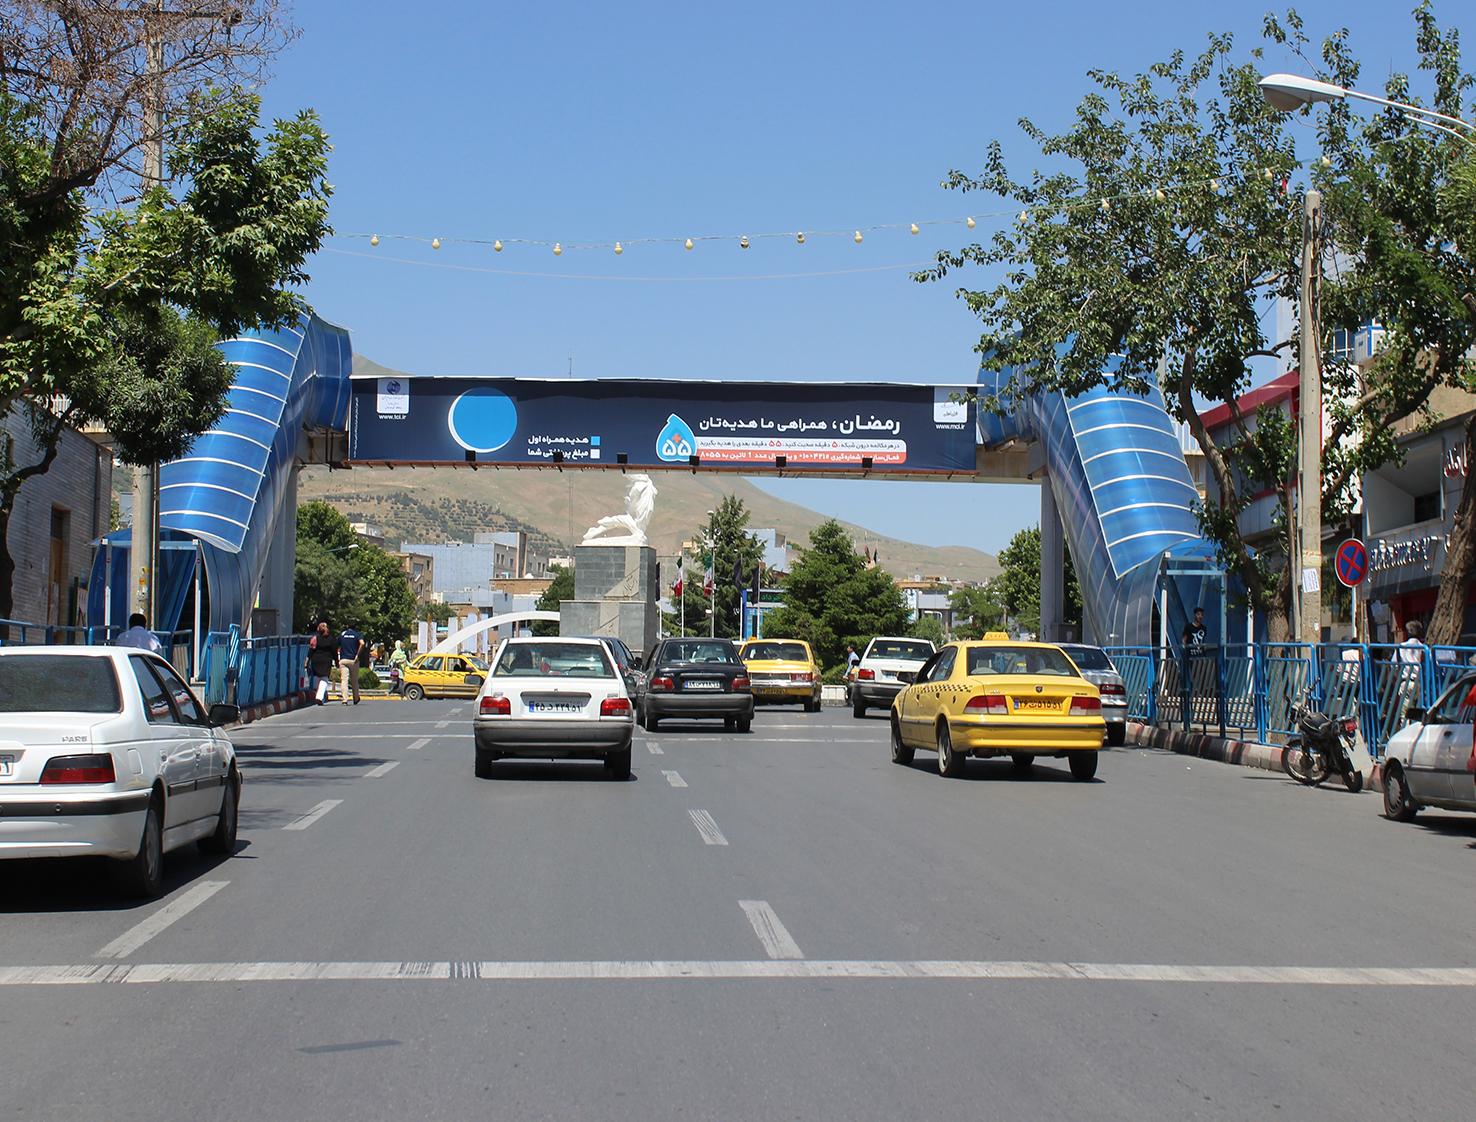 بیلبورد تبلیغاتی پل عابر پیاده میدان آزادی شهر سنندج دید از خیابان فلسطین